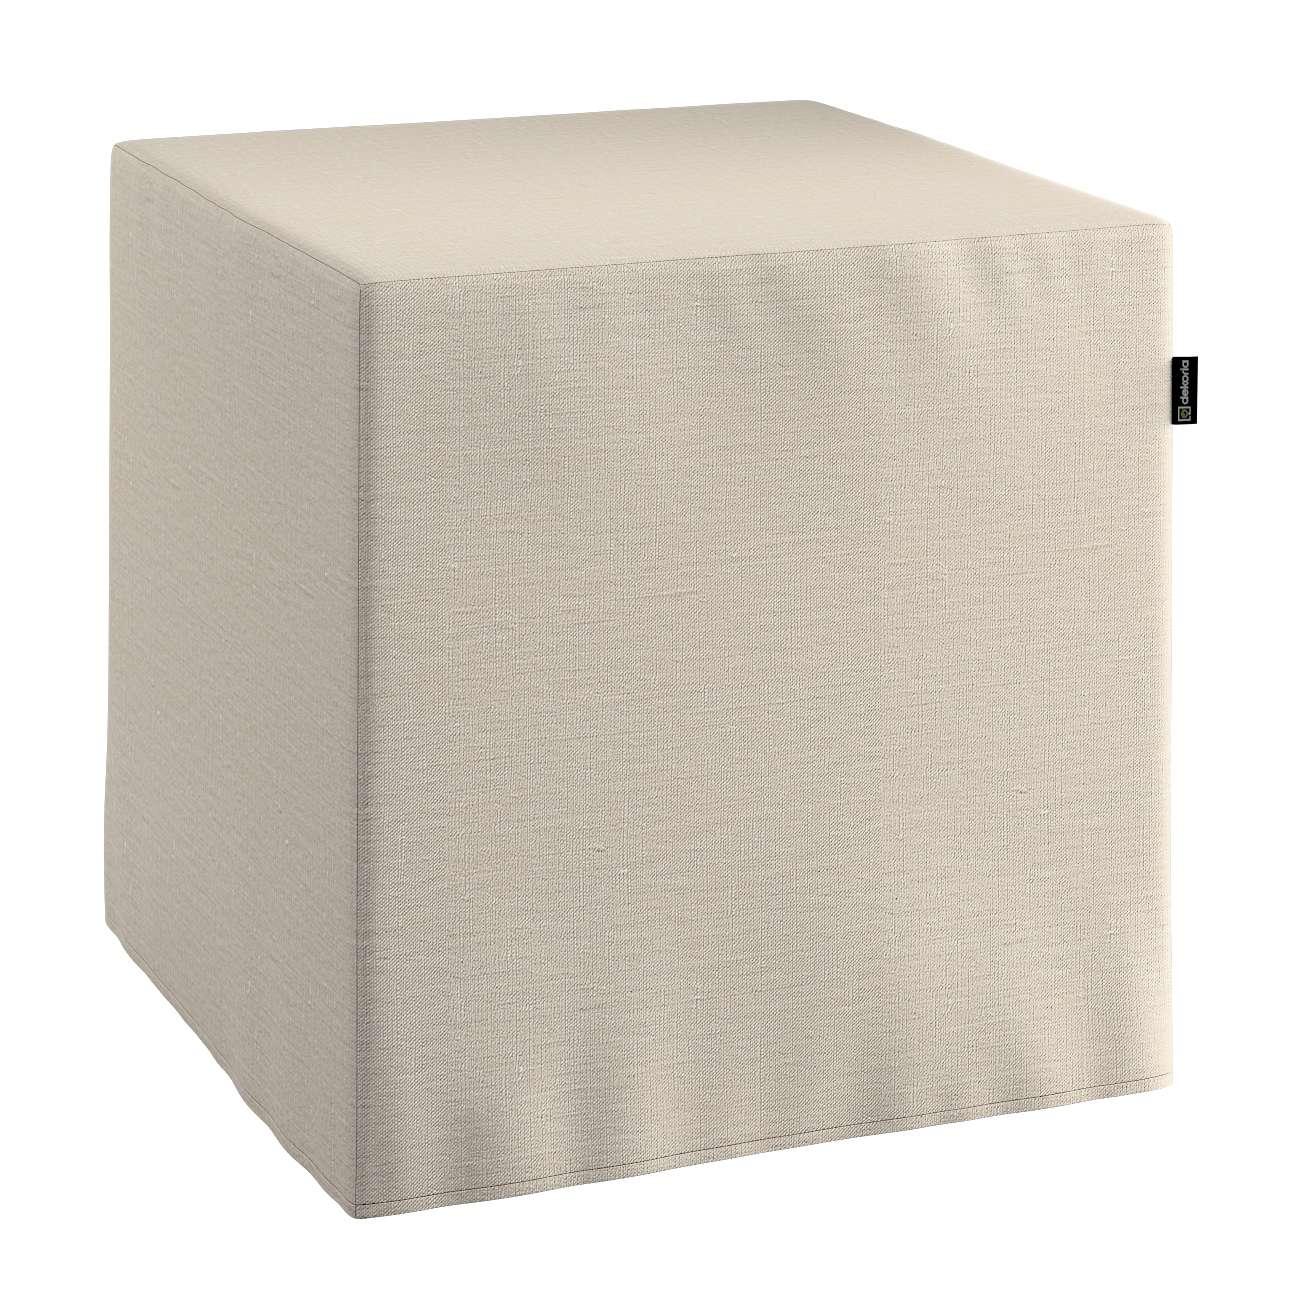 Pokrowiec na pufę kostke kostka 40x40x40 cm w kolekcji Linen, tkanina: 392-05